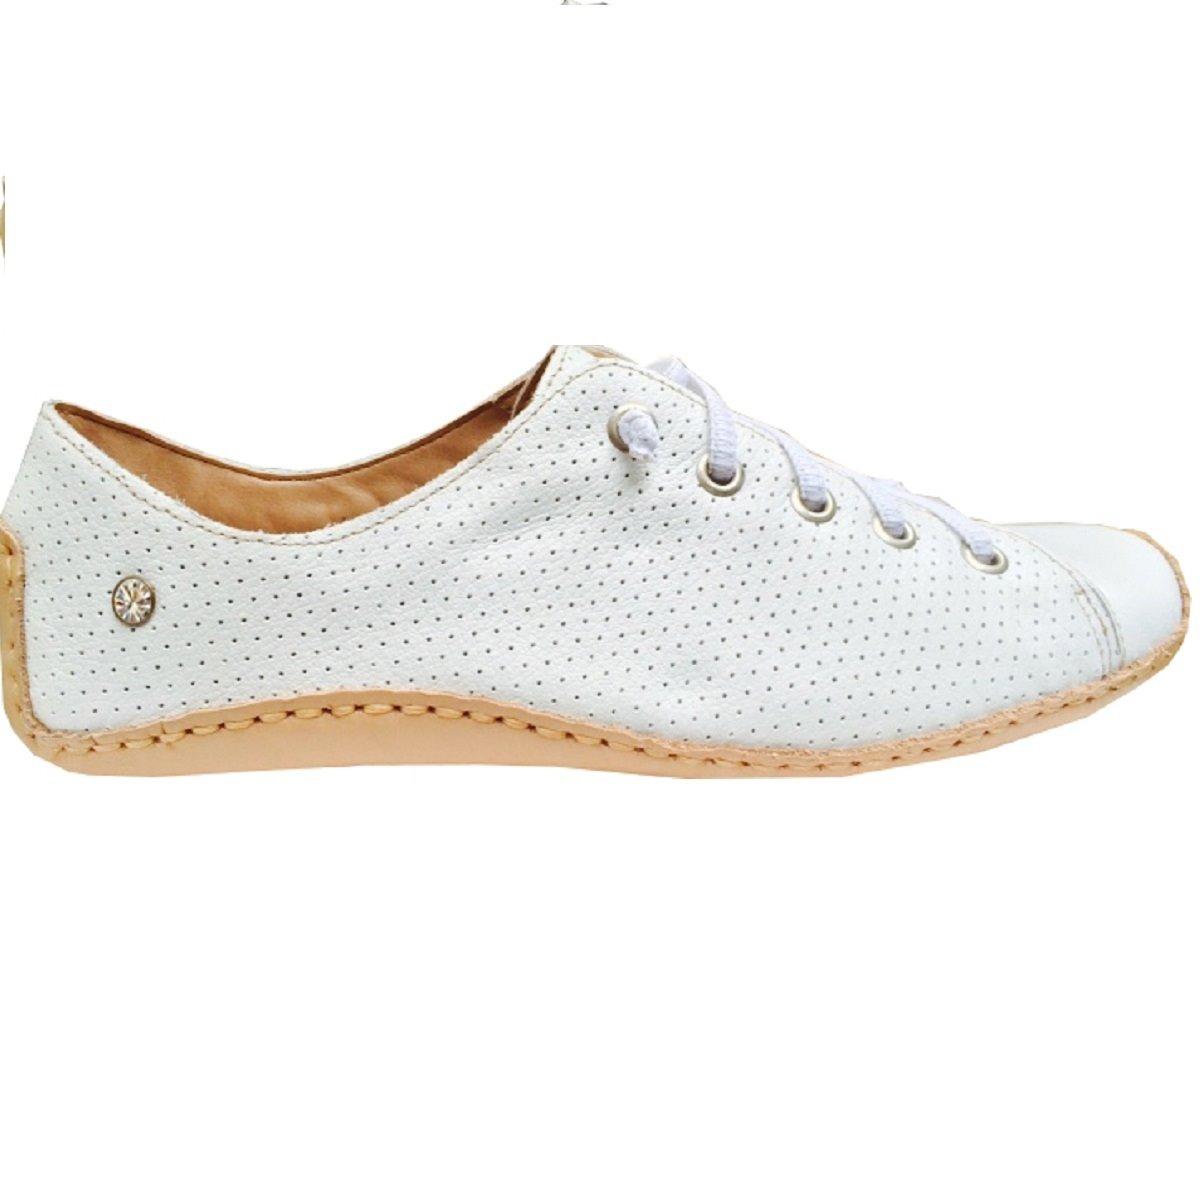 7c8d1f406c sapatênis feminino le bianco em couro legítimo branco - 519. Carregando  zoom.